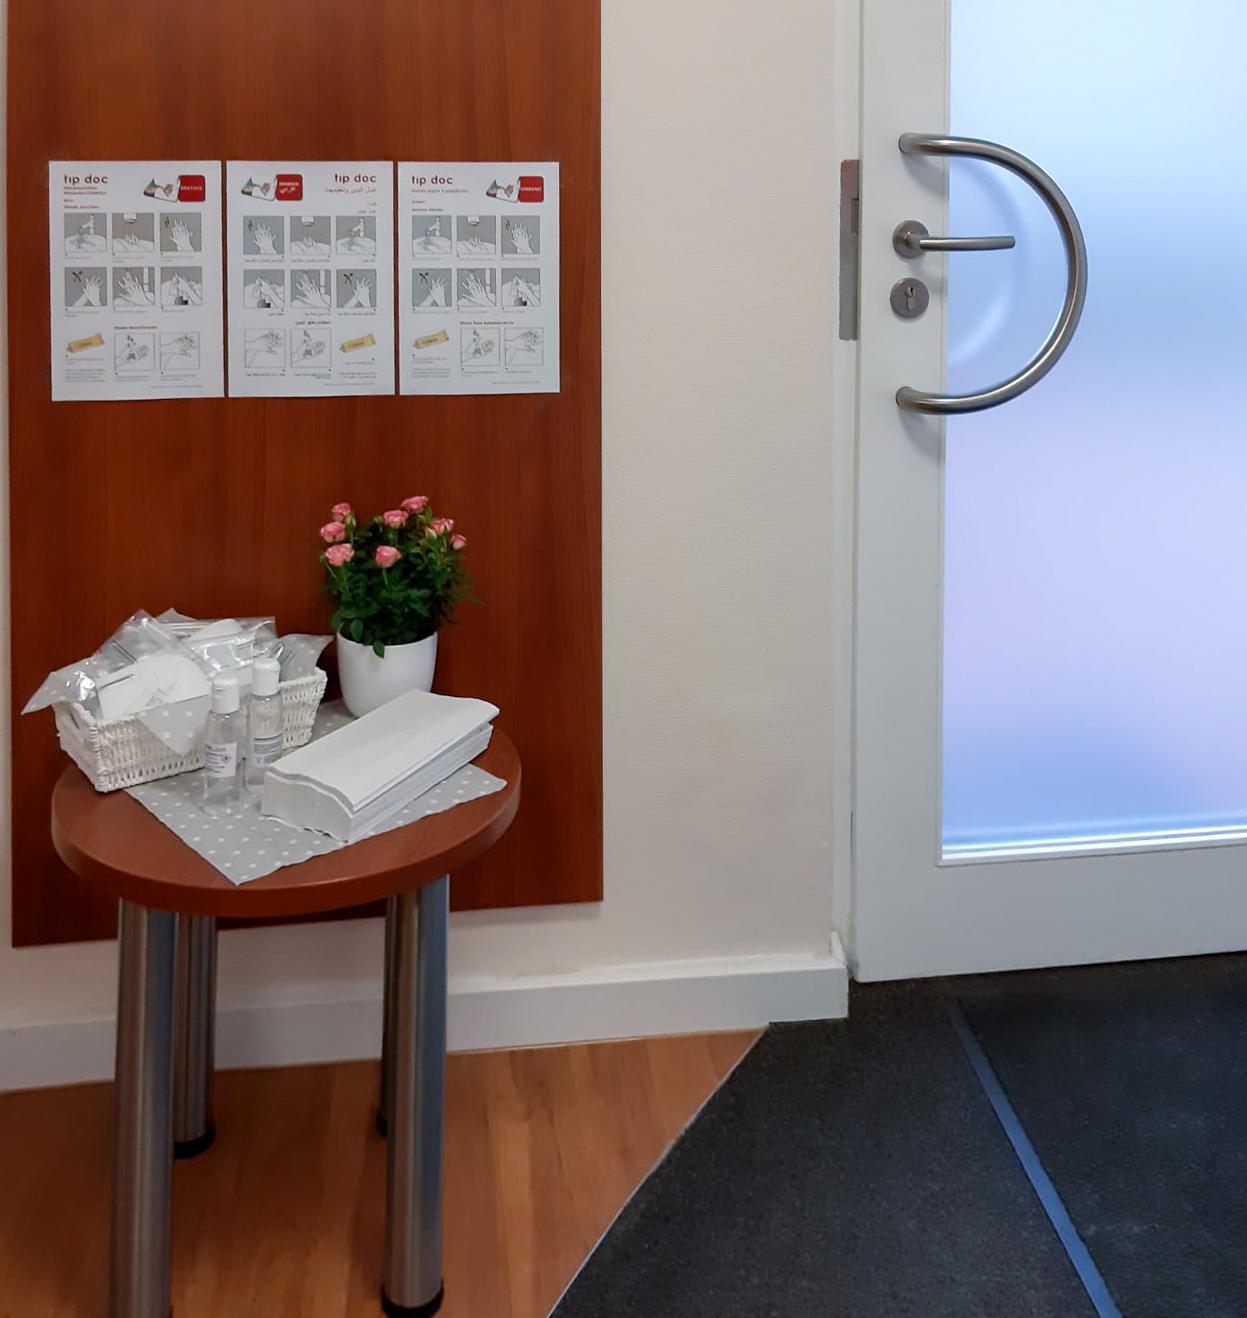 Eingang der Beratungsstelle Preetz mit bereitgestellter Desinfektion